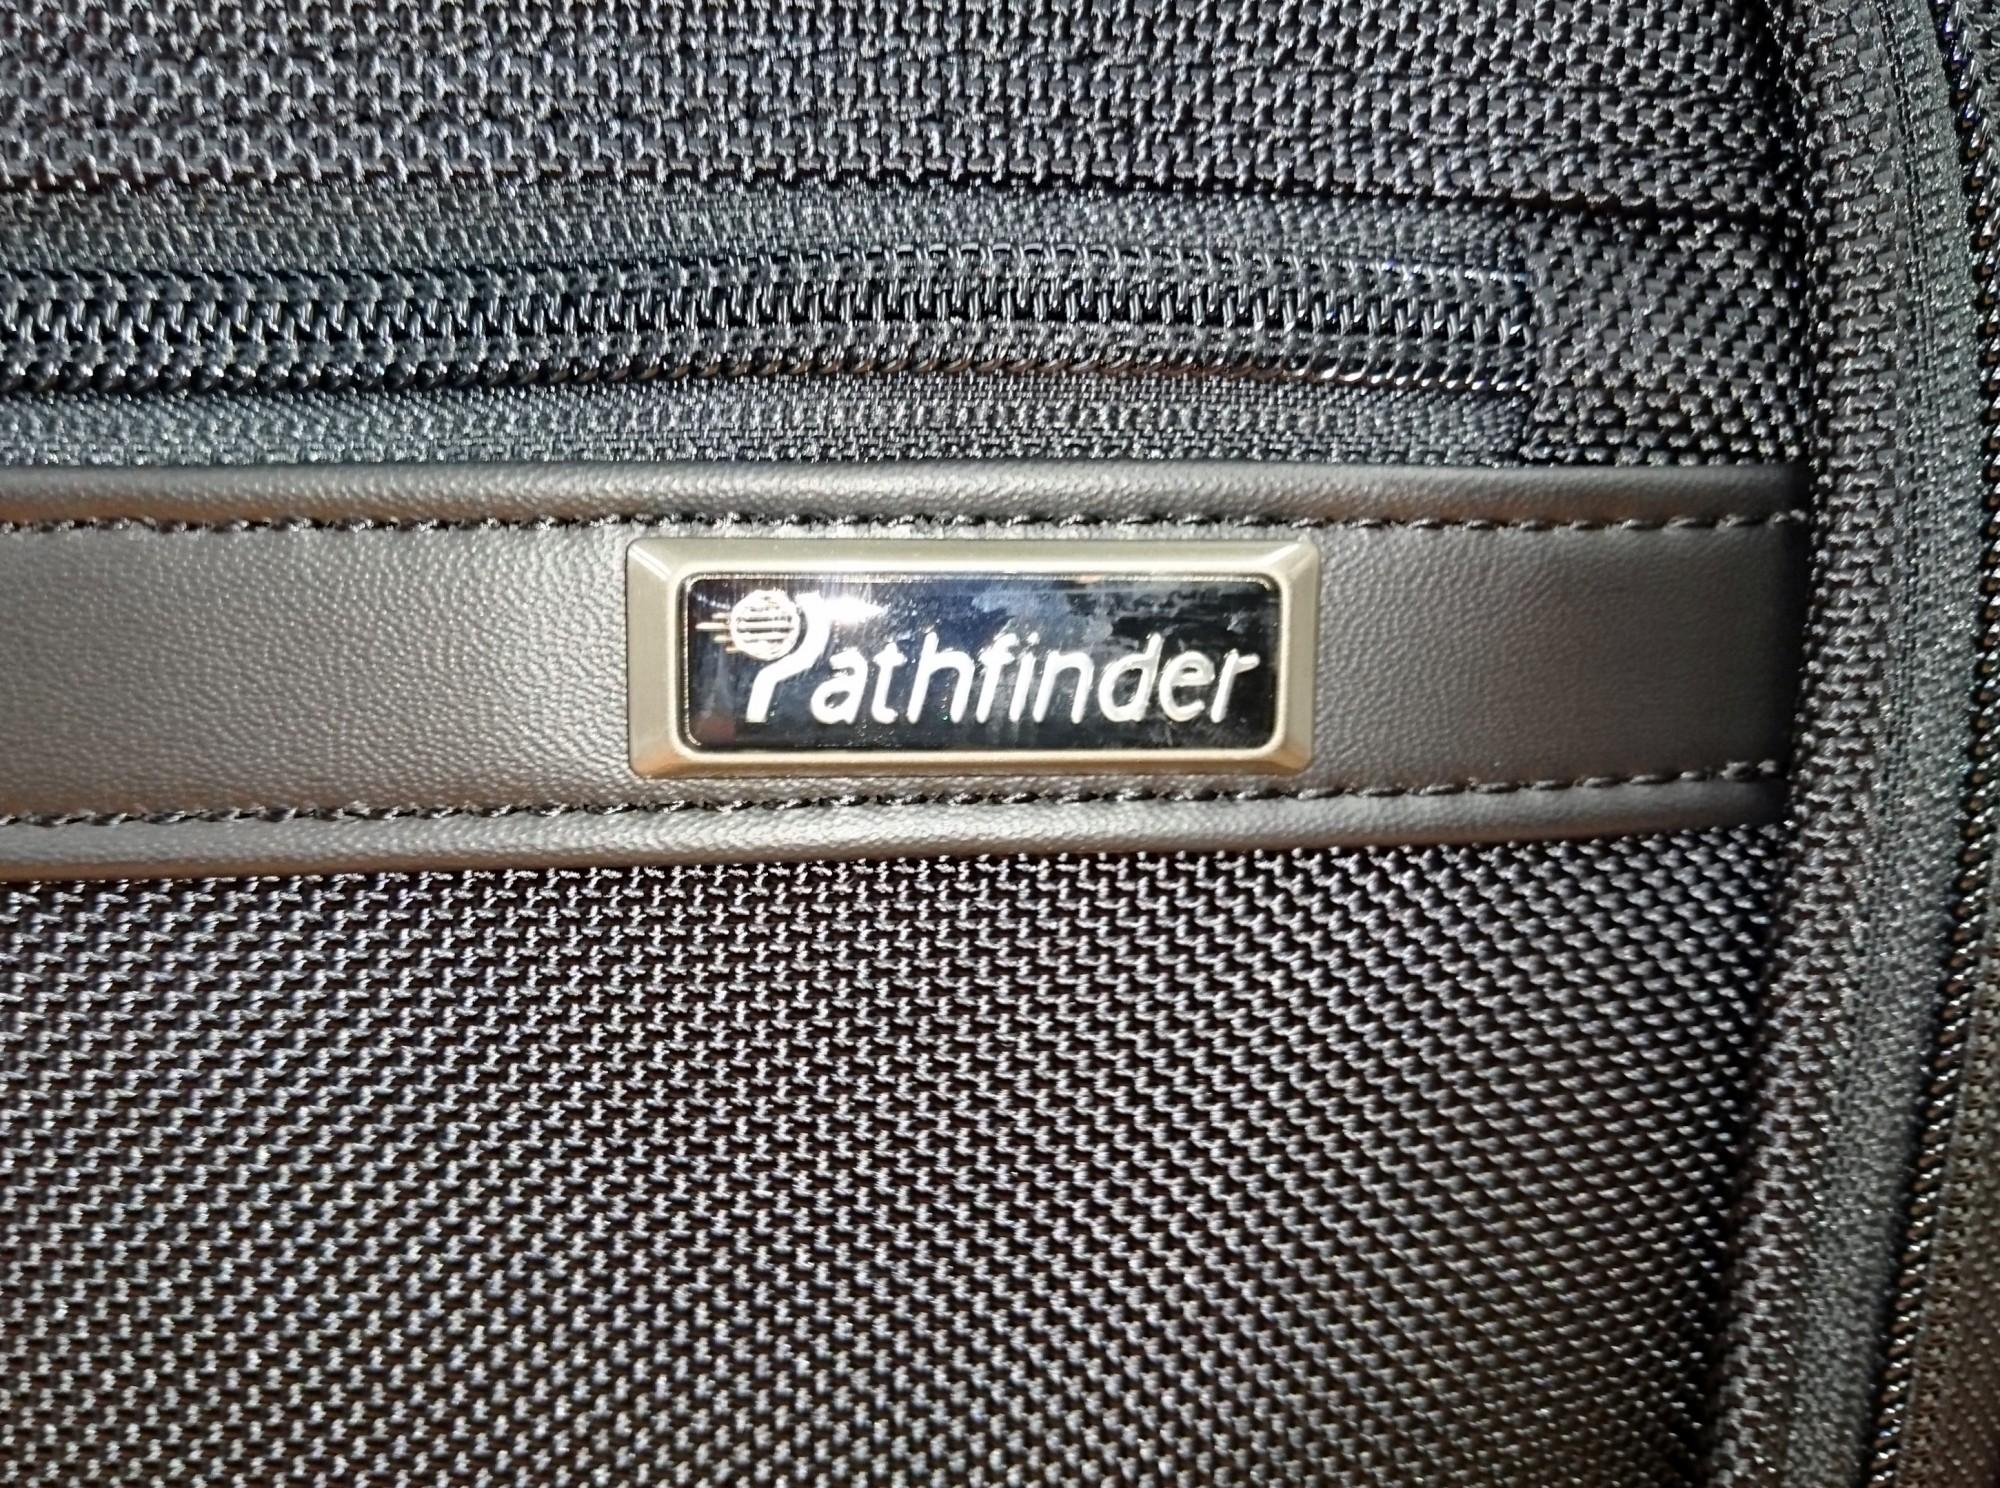 pathfinder-7